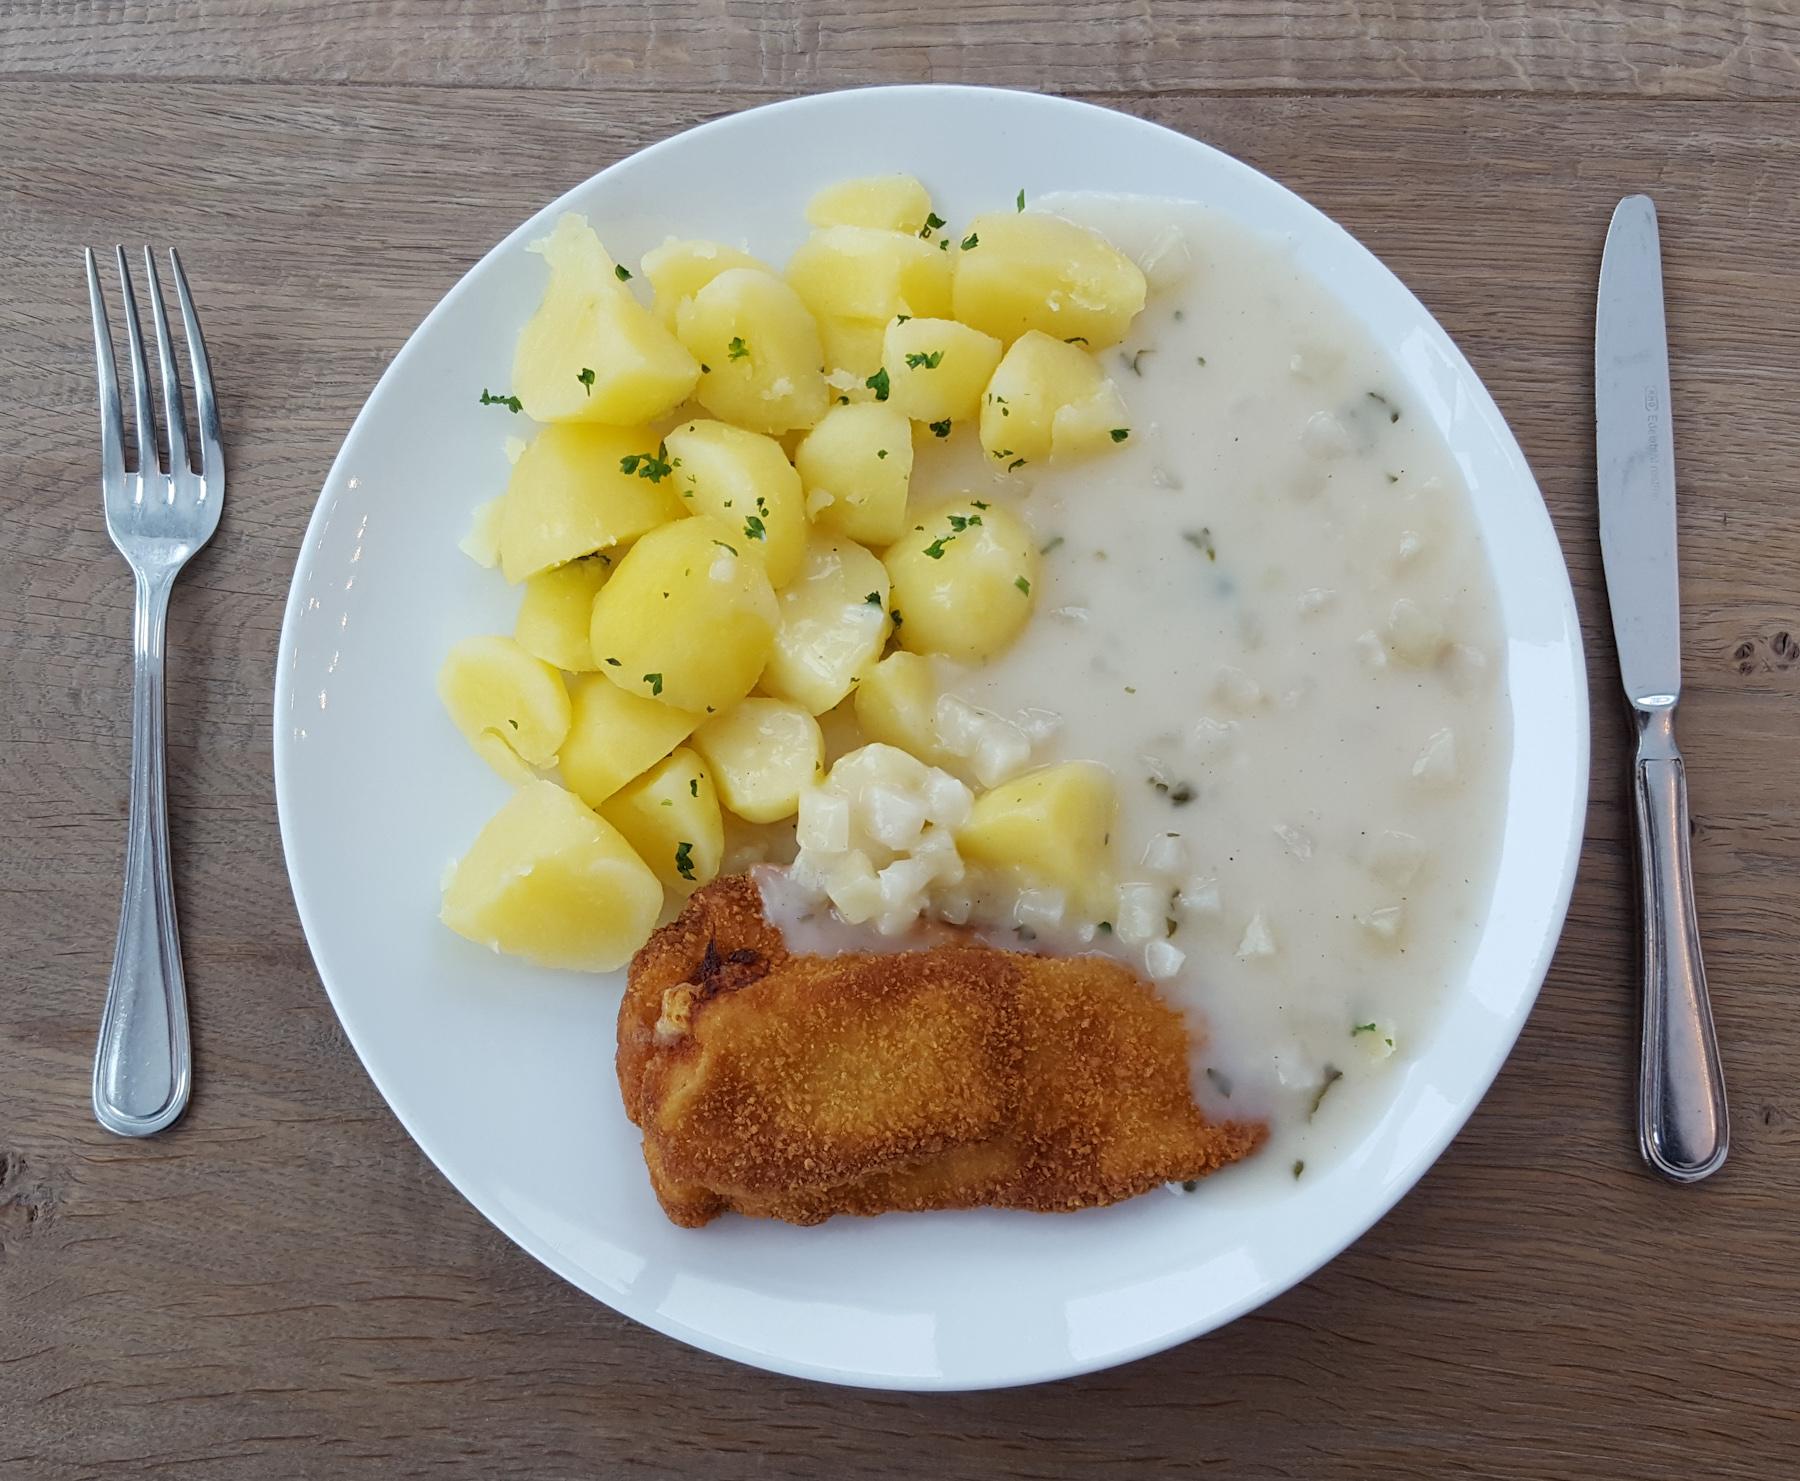 Mittagessen: Hähnchenschnitzel mit Kartoffeln und Kohlrabigemüse